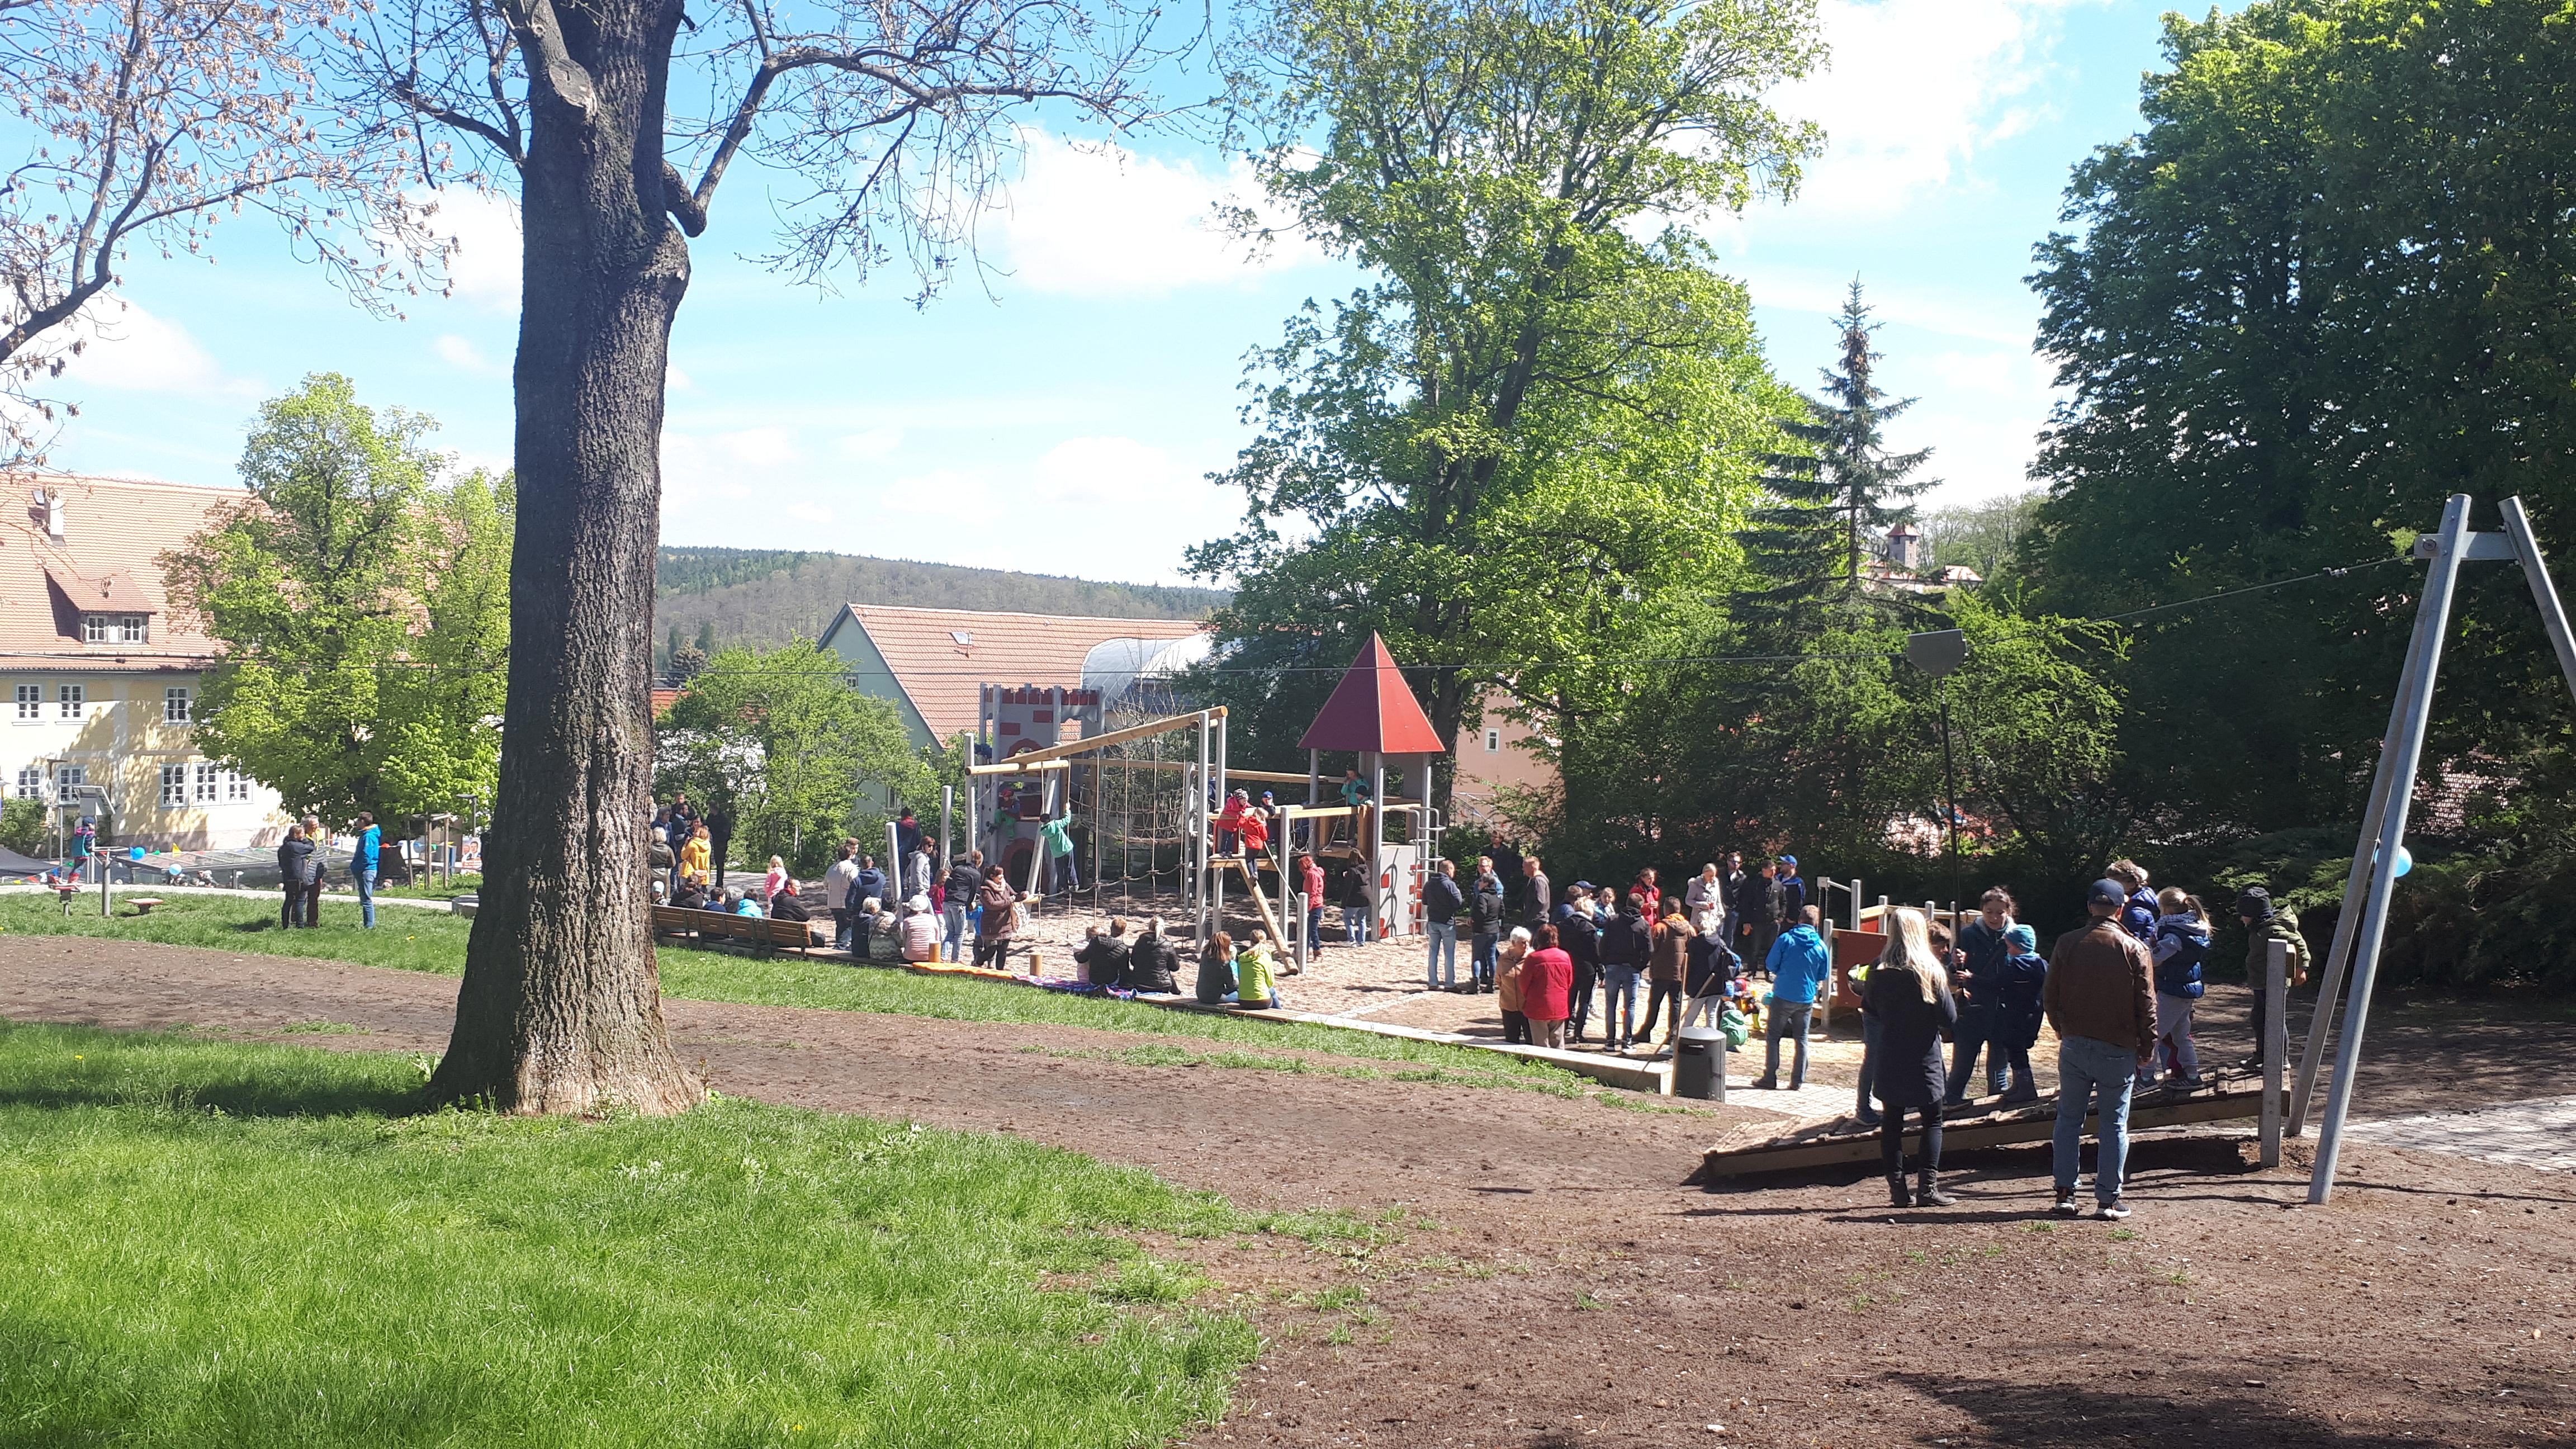 Mehrgenerationenpark in Kranichfeld (RAG Weimarer Land - Mittelthüringen e.V.)